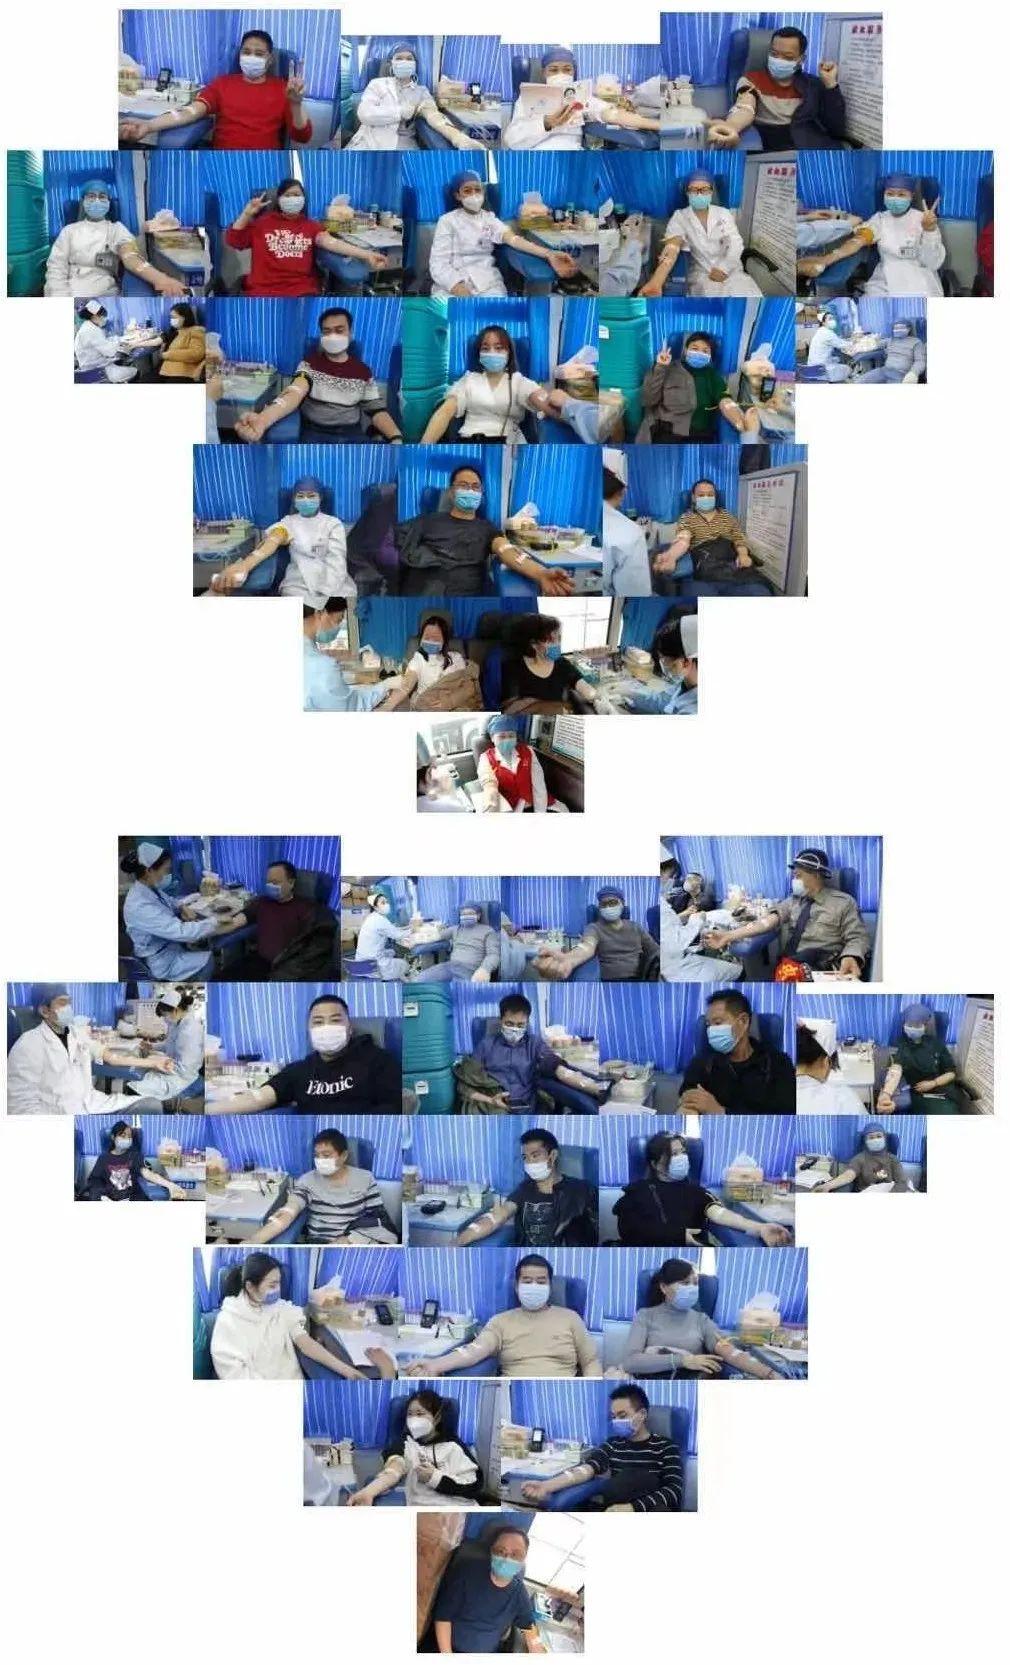 常德市第四人民医院无偿献血工作获国家级表彰